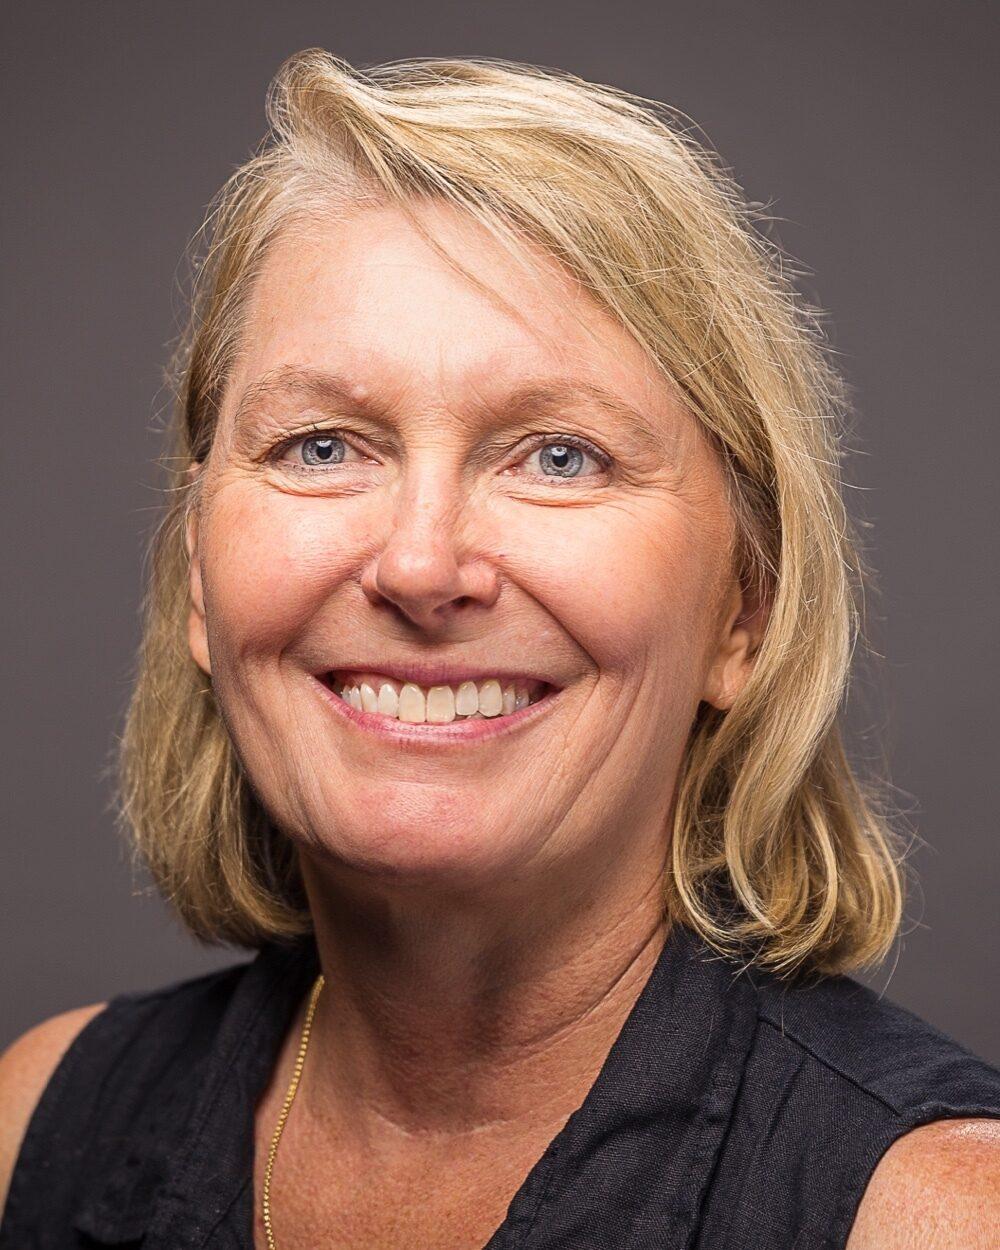 Debbie shantz hart 2018 board